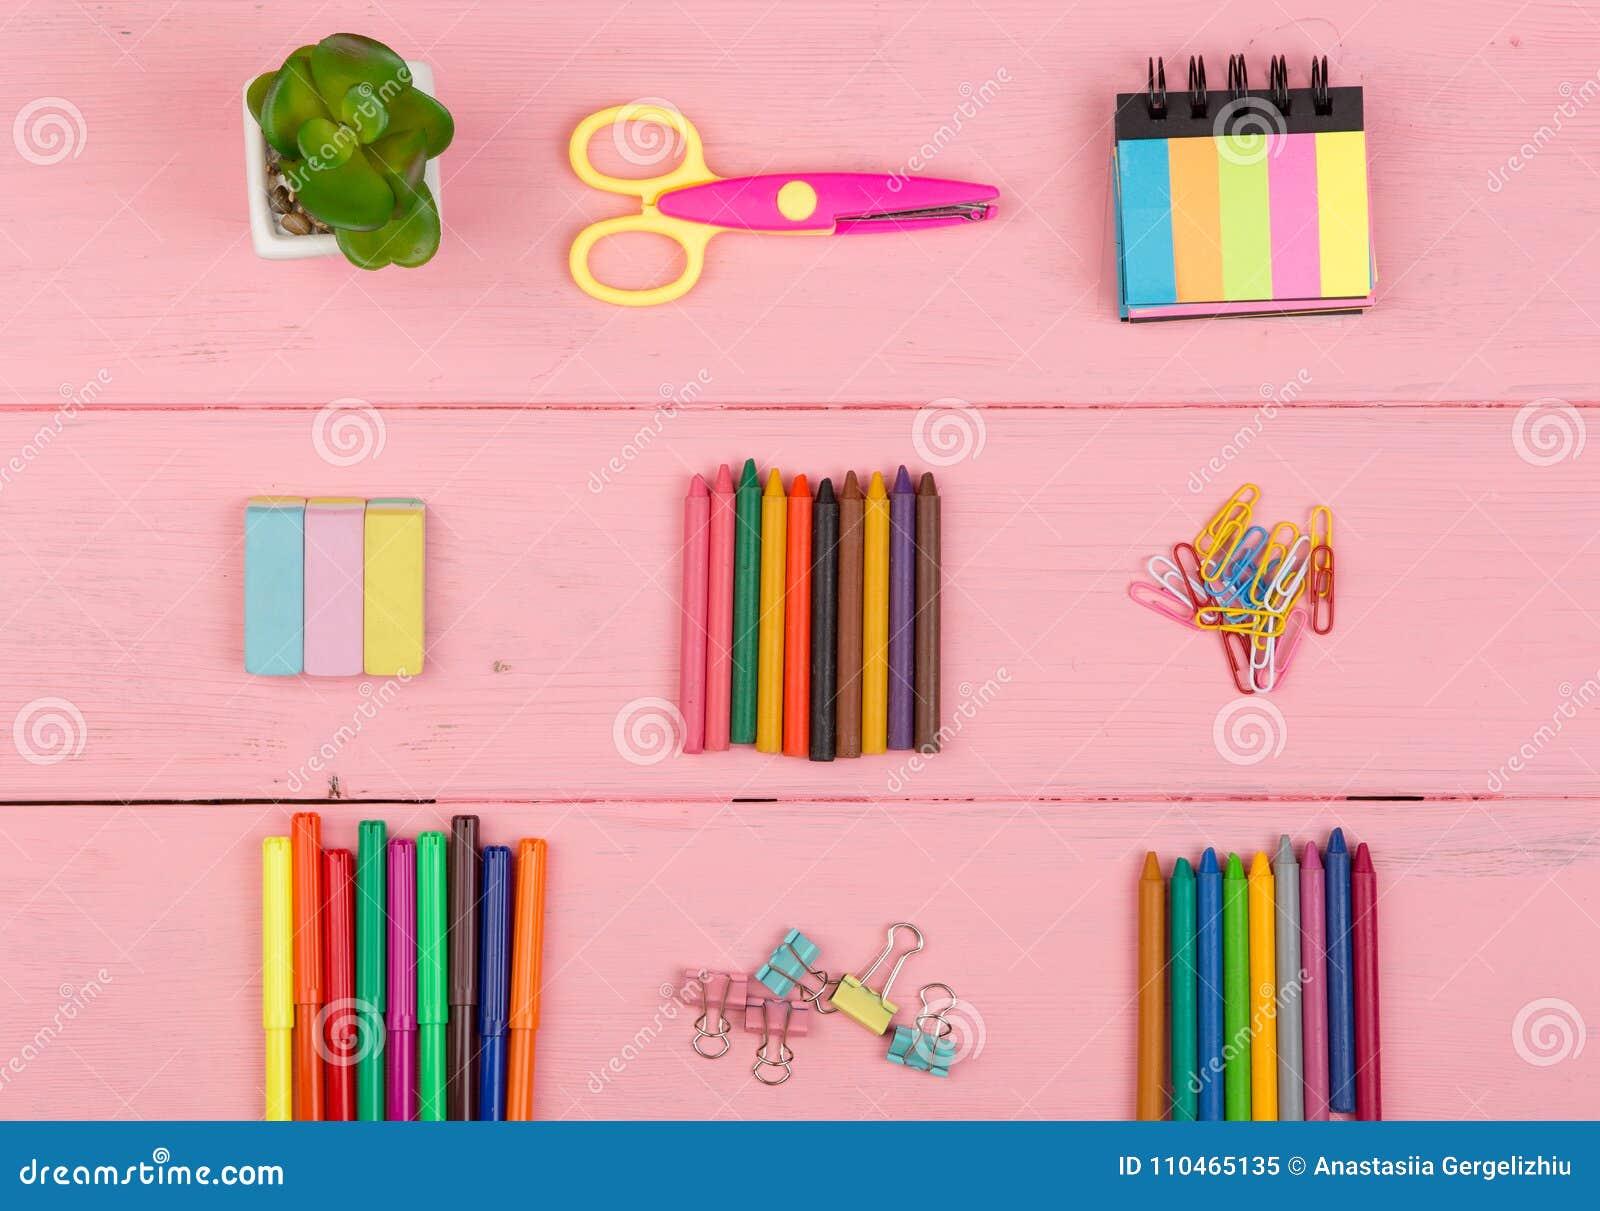 Popiera szkoły pojęcie - szkolne dostawy: nożyce, gumka, markiery, kredki i inni akcesoria,